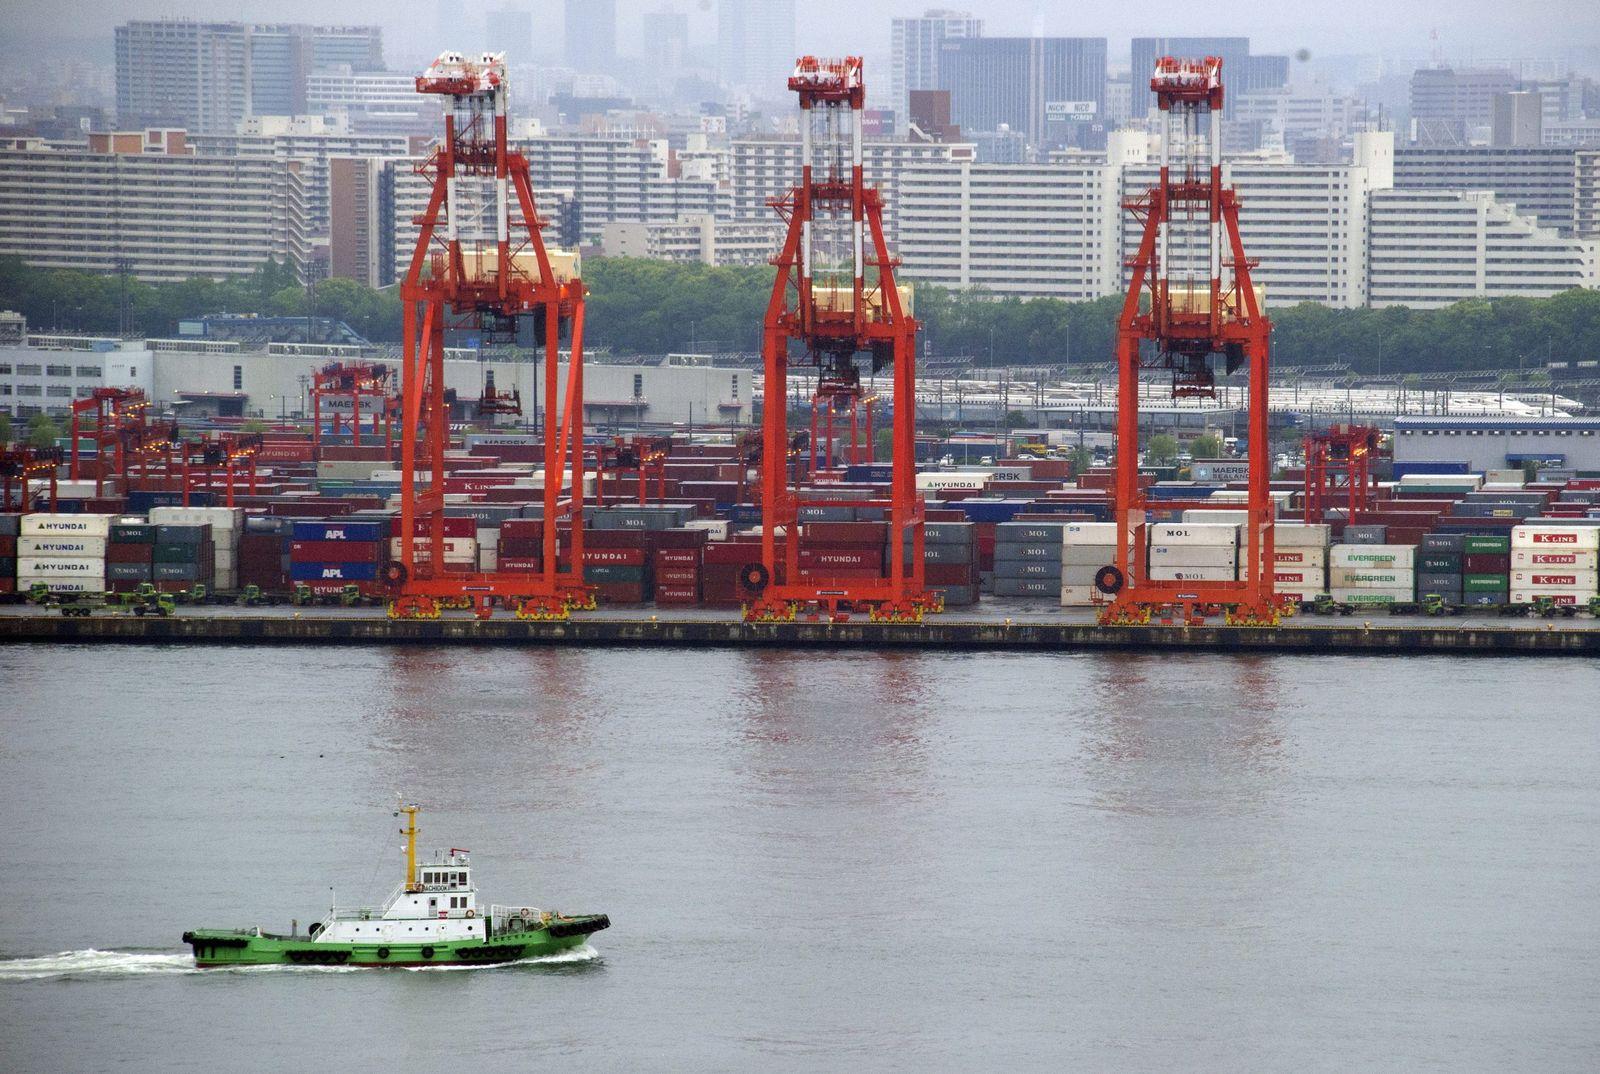 Tokio / Japan / Hafen / Handel / Exporte / Container